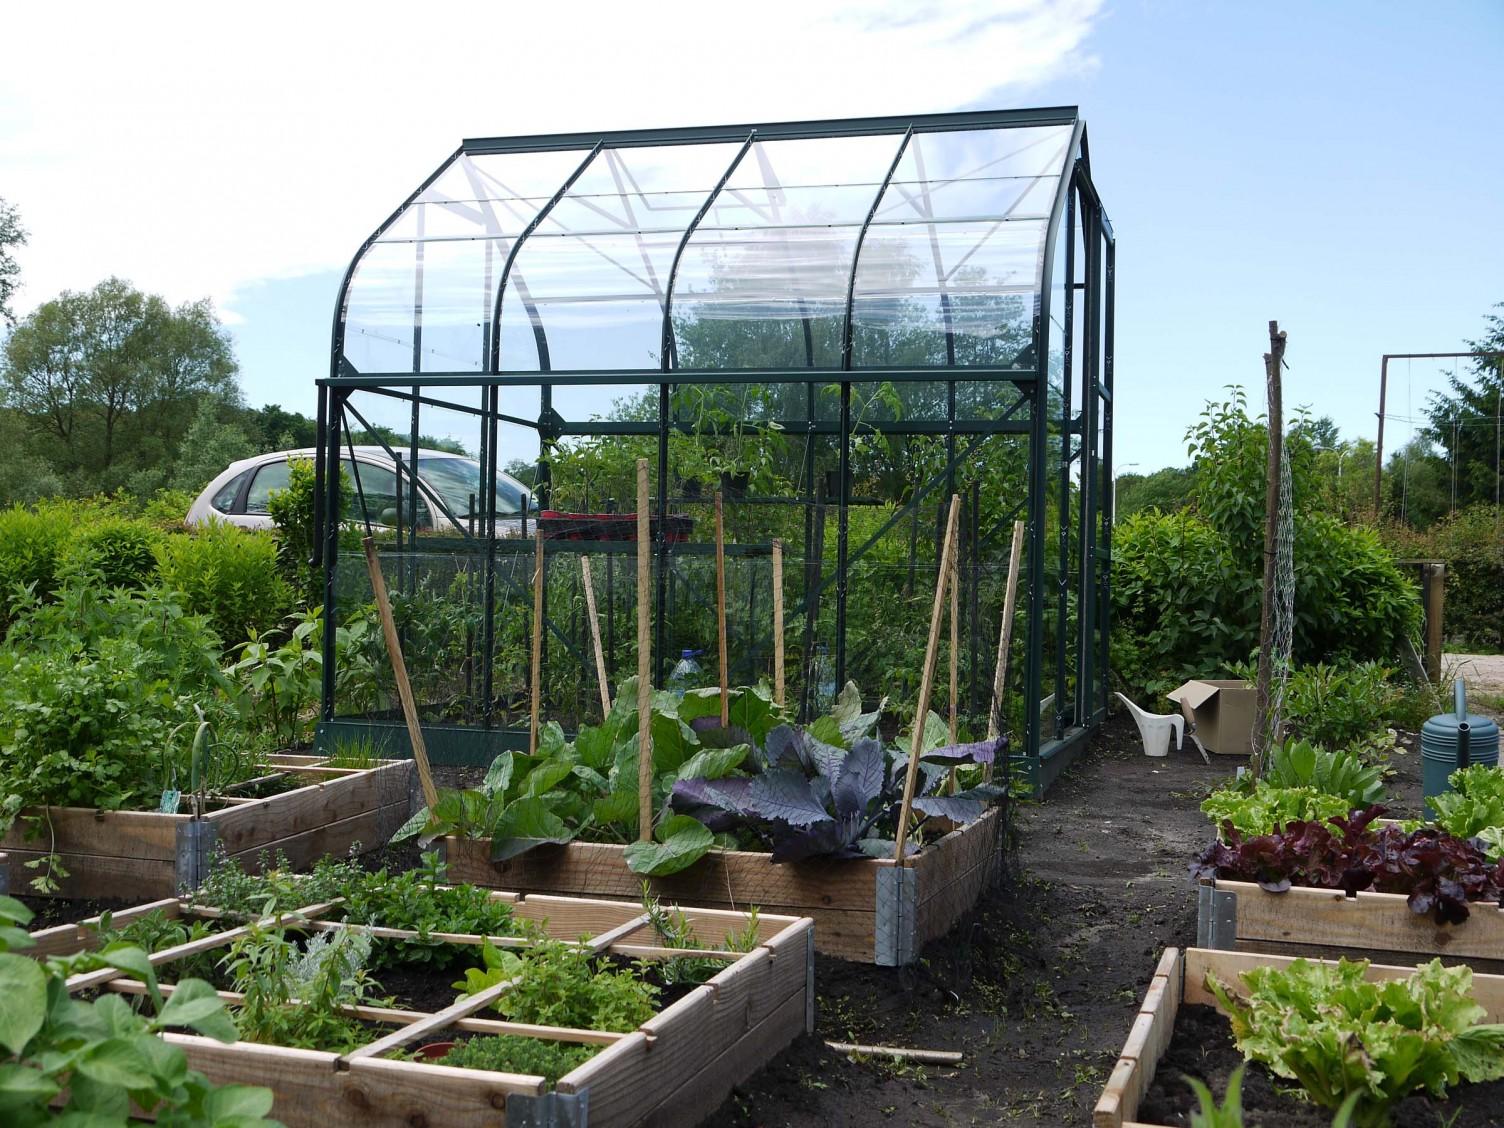 Vierkante Meter Tuin : Vierkante meter tuin bierpakket bedrukken voordelig snel